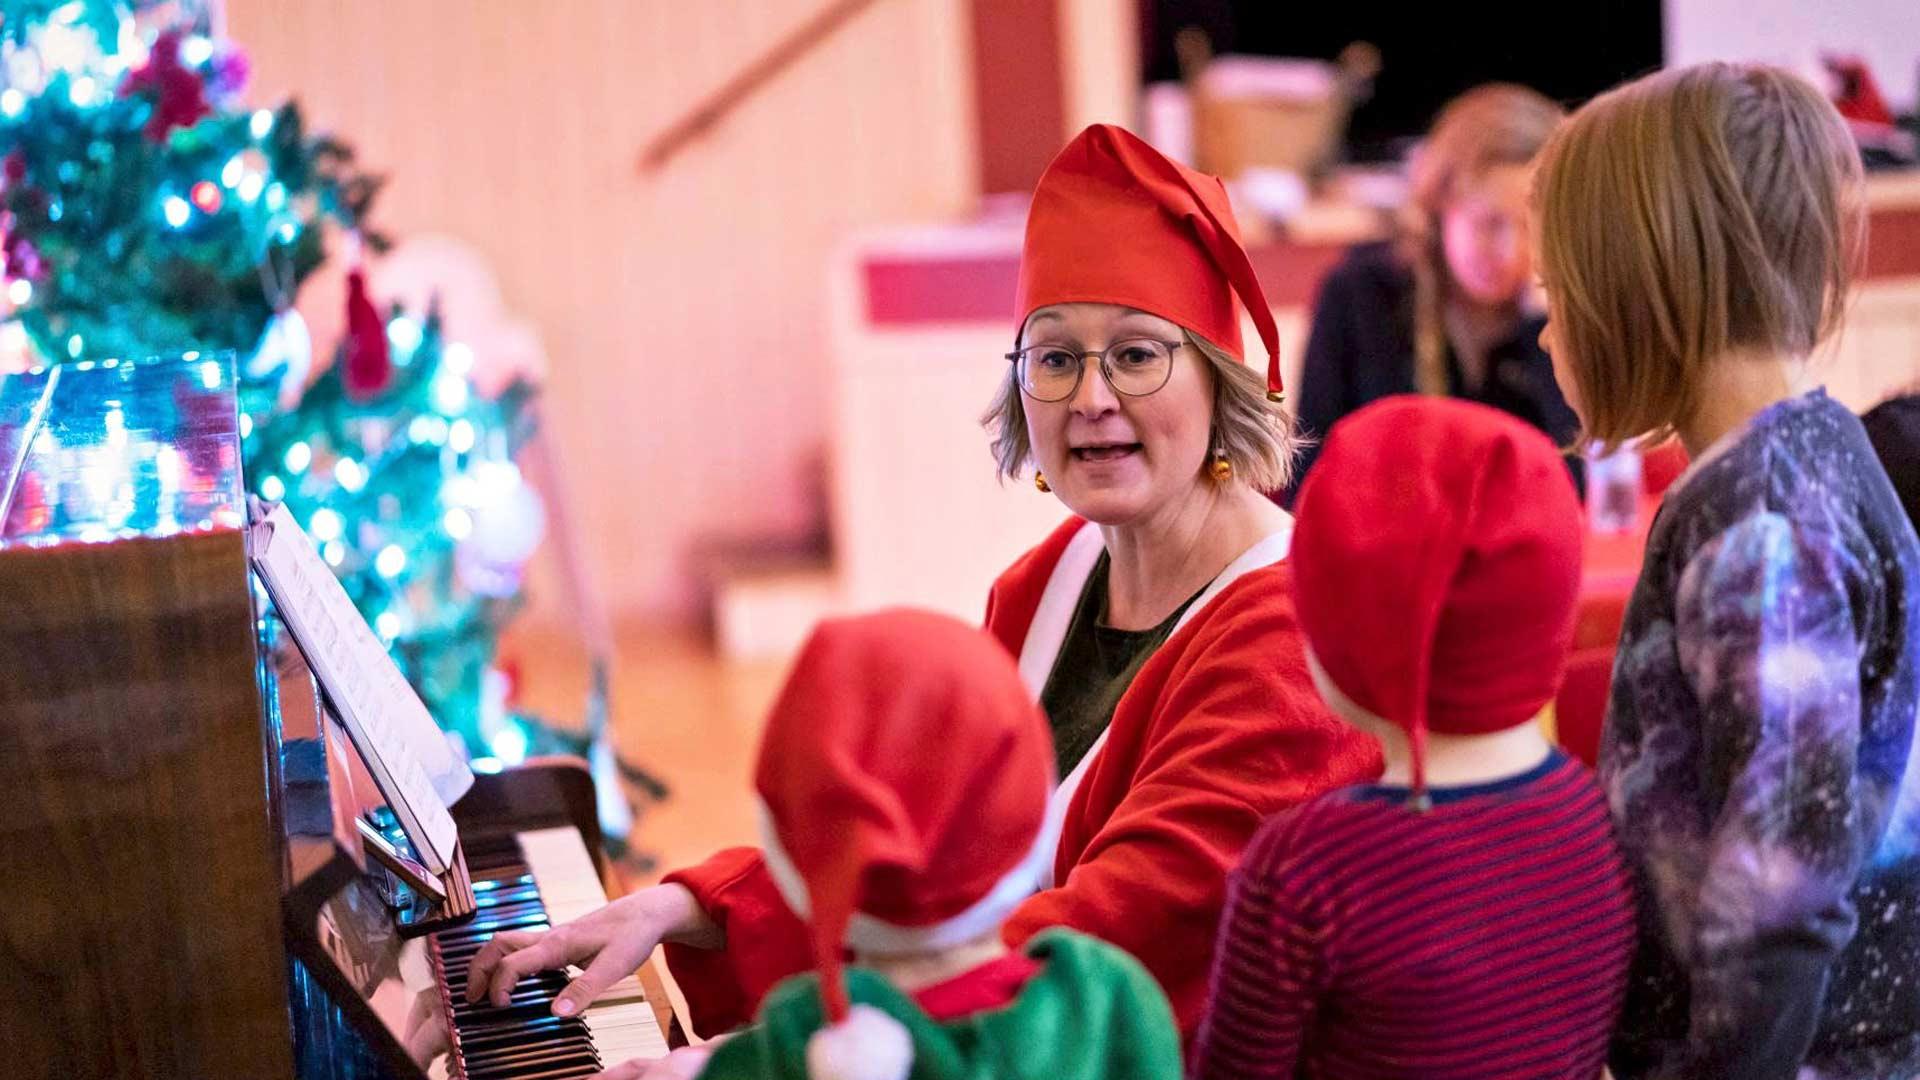 Edellisvuosina Haminan jouluun on kuulunut yhteinen jouluaatto, johon kaikki ovat tervetulleita. Tänä vuonna yhteisjoulu on tauolla, mutta ensi vuonna lauletaan taas joululauluja yhdessä.